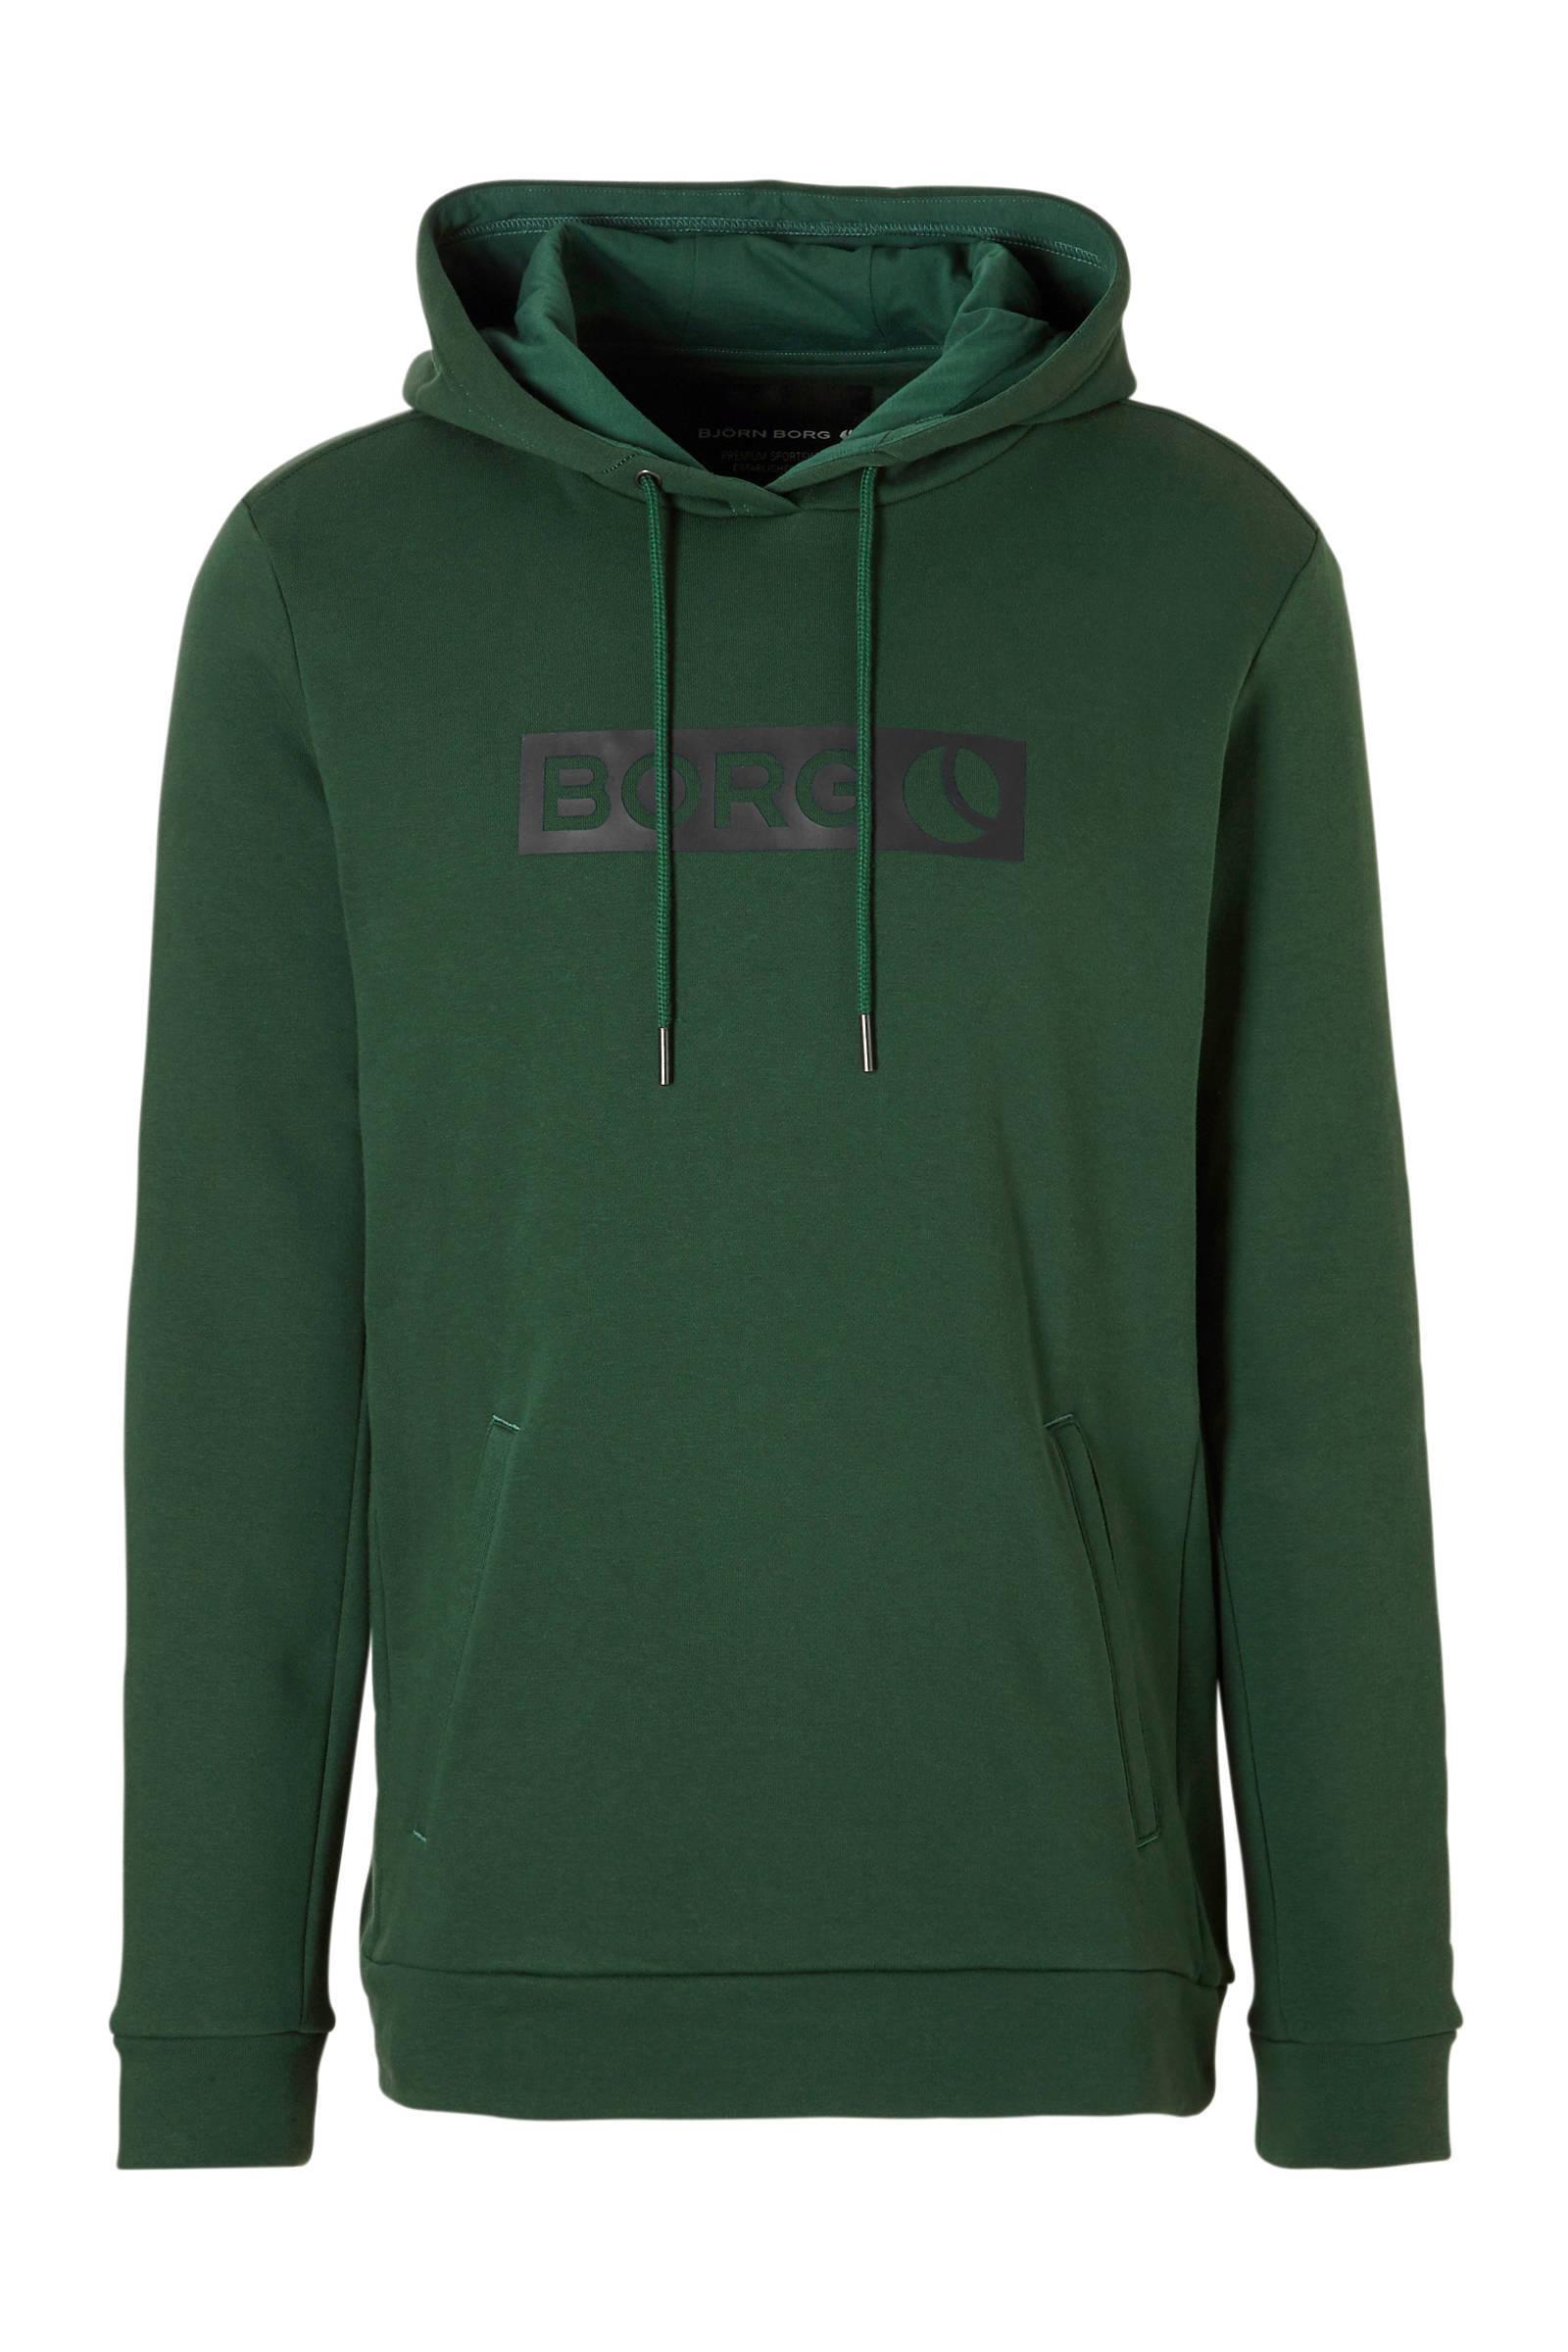 Björn Borg   hoodie donkergroen (heren)